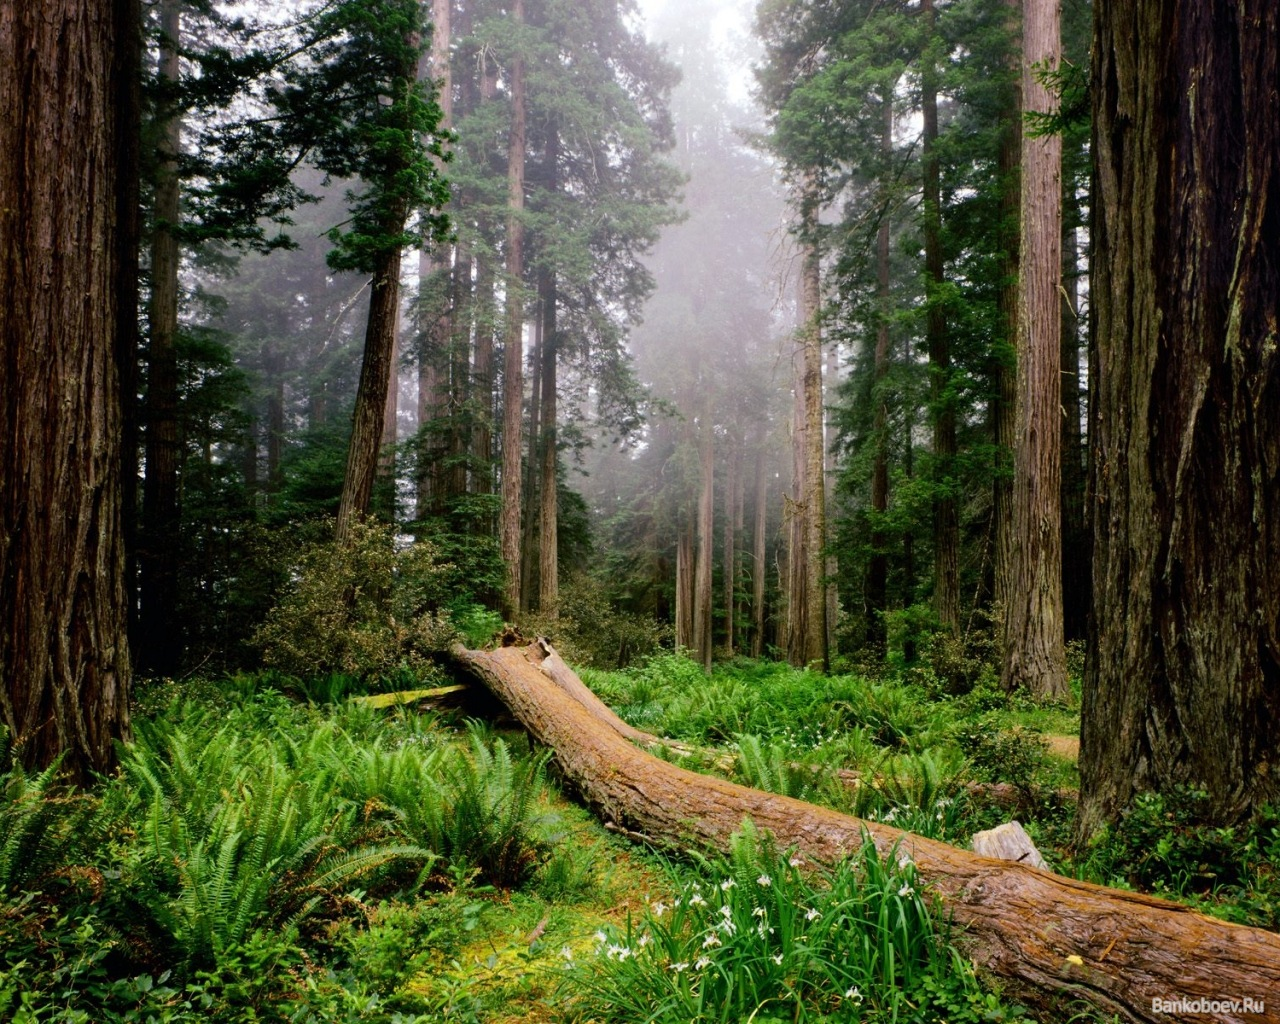 Исследование: Растения «мигрируют» из-за климатических изменений